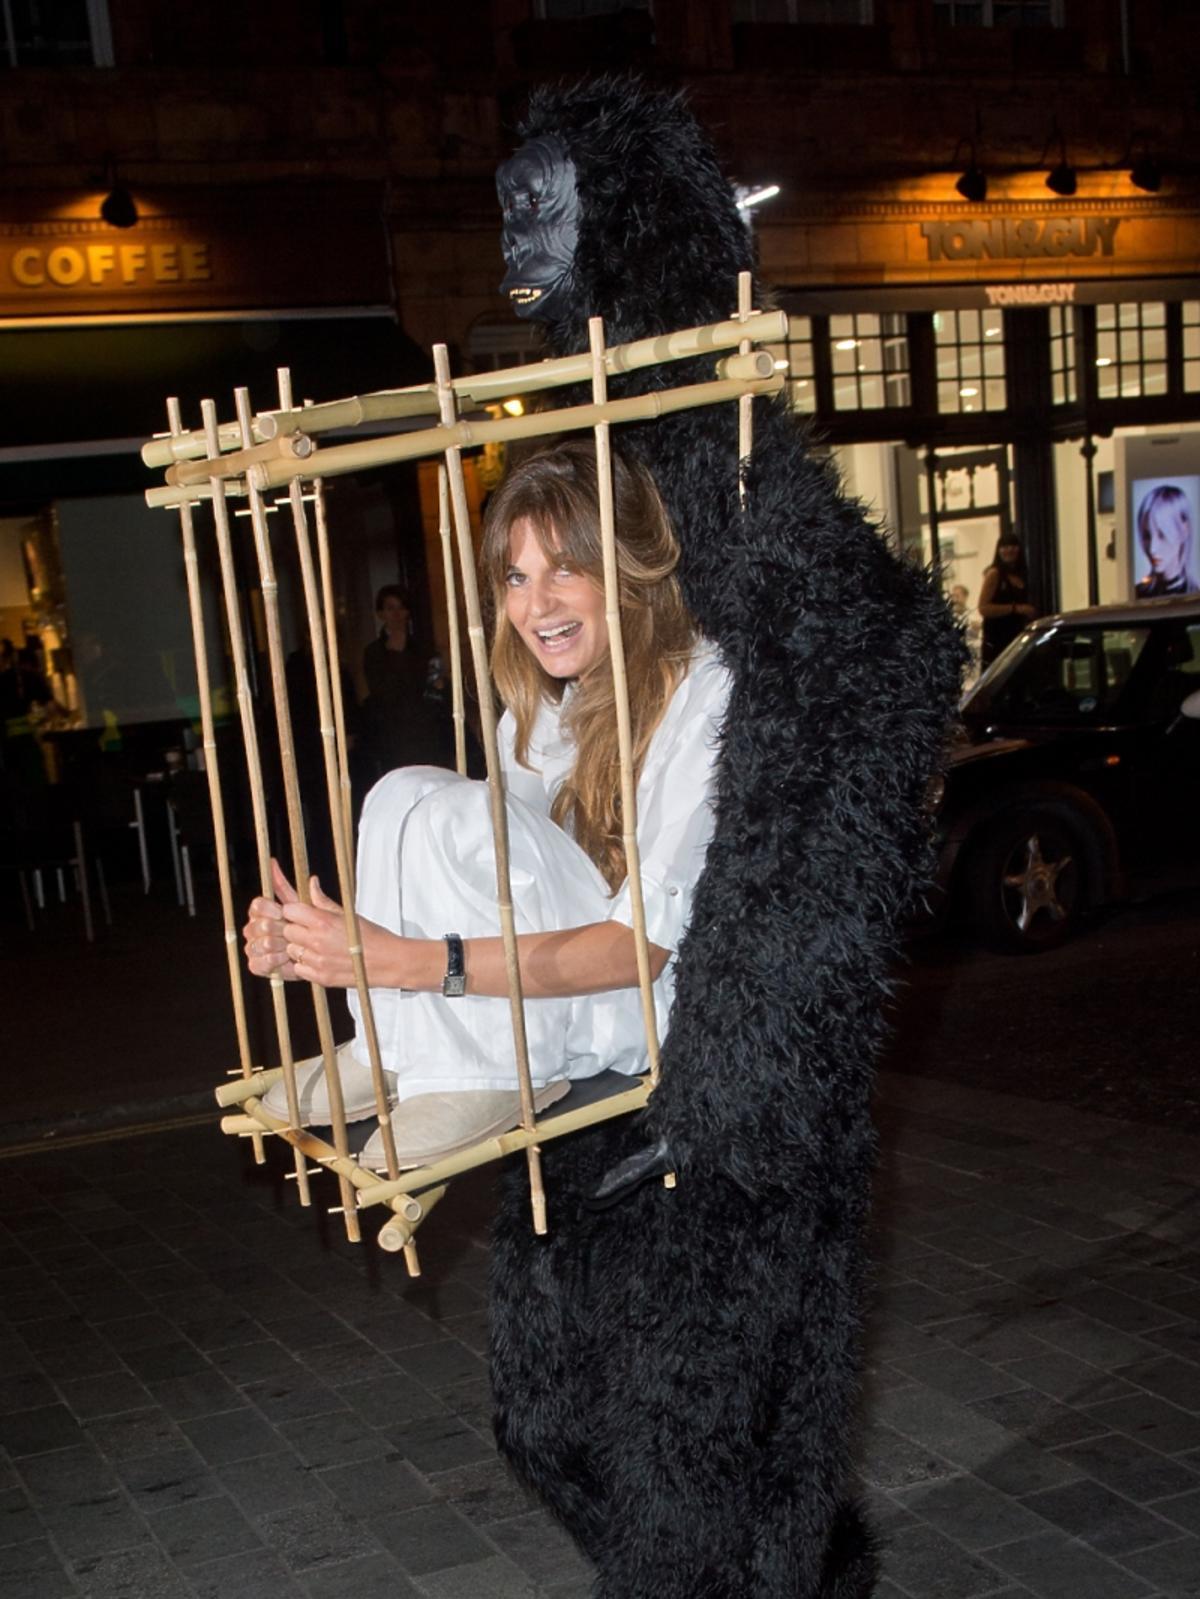 Jemima Khan niesiona przez goryla na Halloween Party